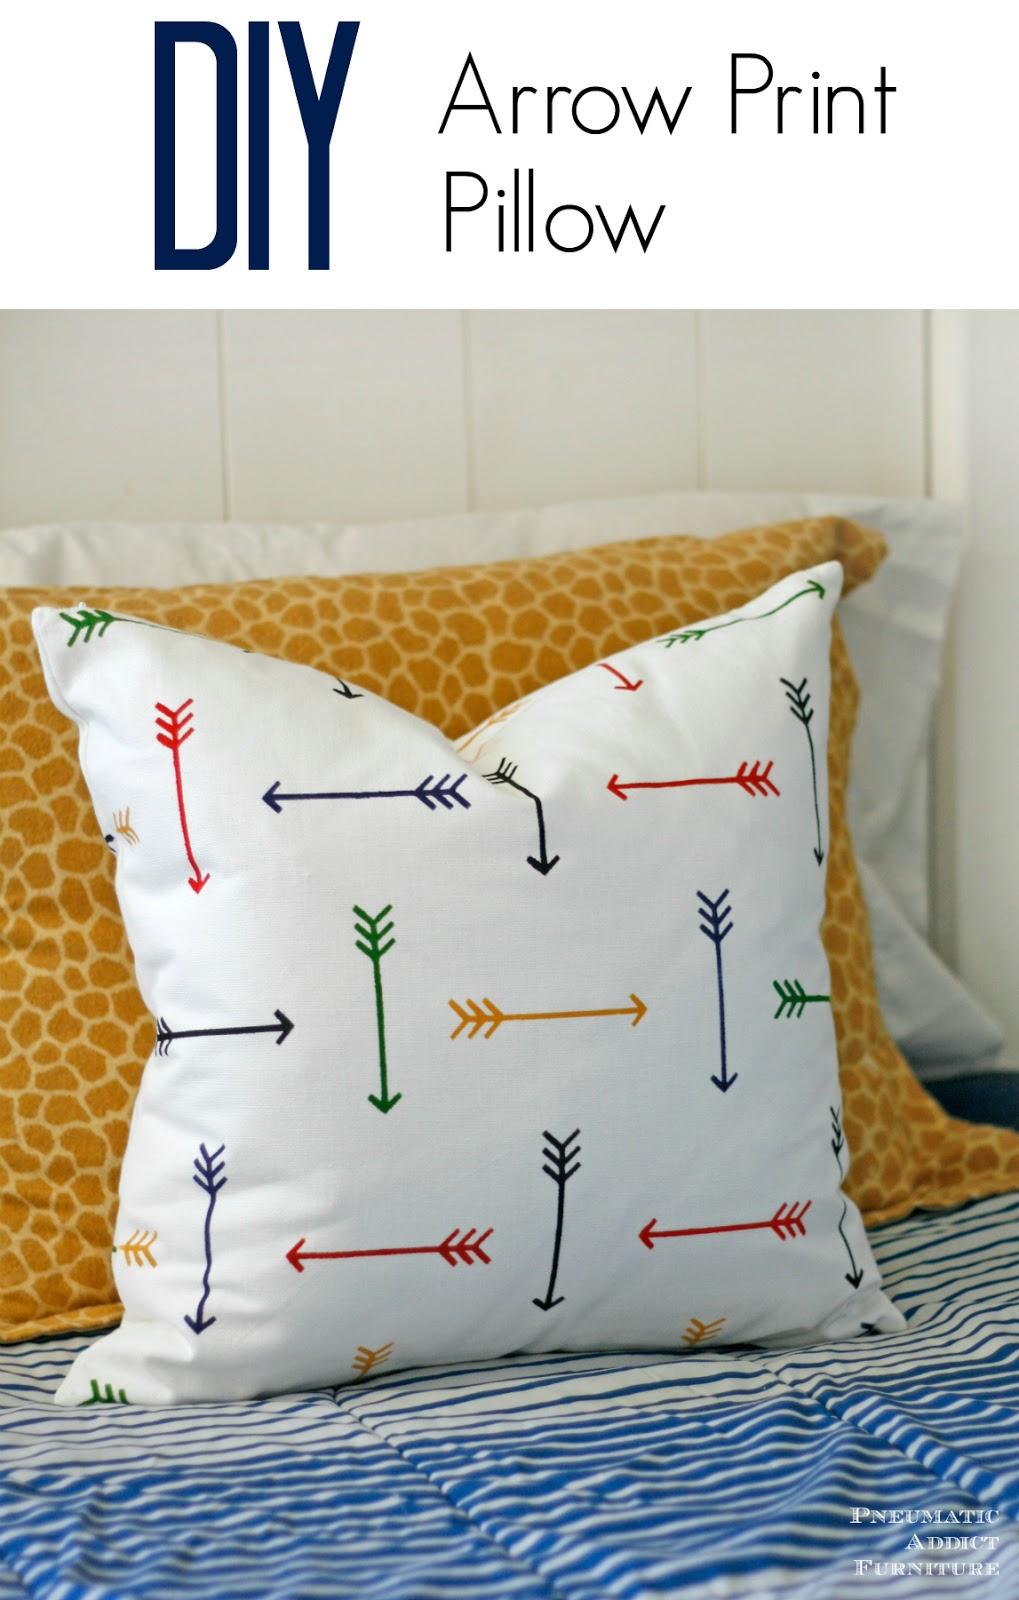 DIY Arrow Print Pillow  Giveaway  Pneumatic Addict